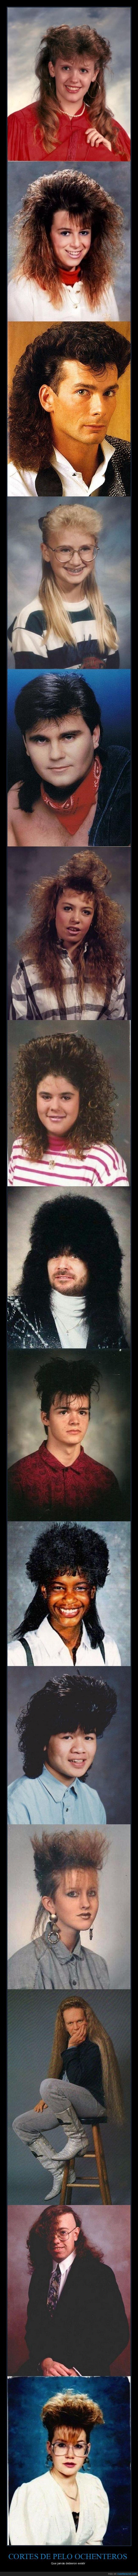 años 80,cortes de pelo,peinados